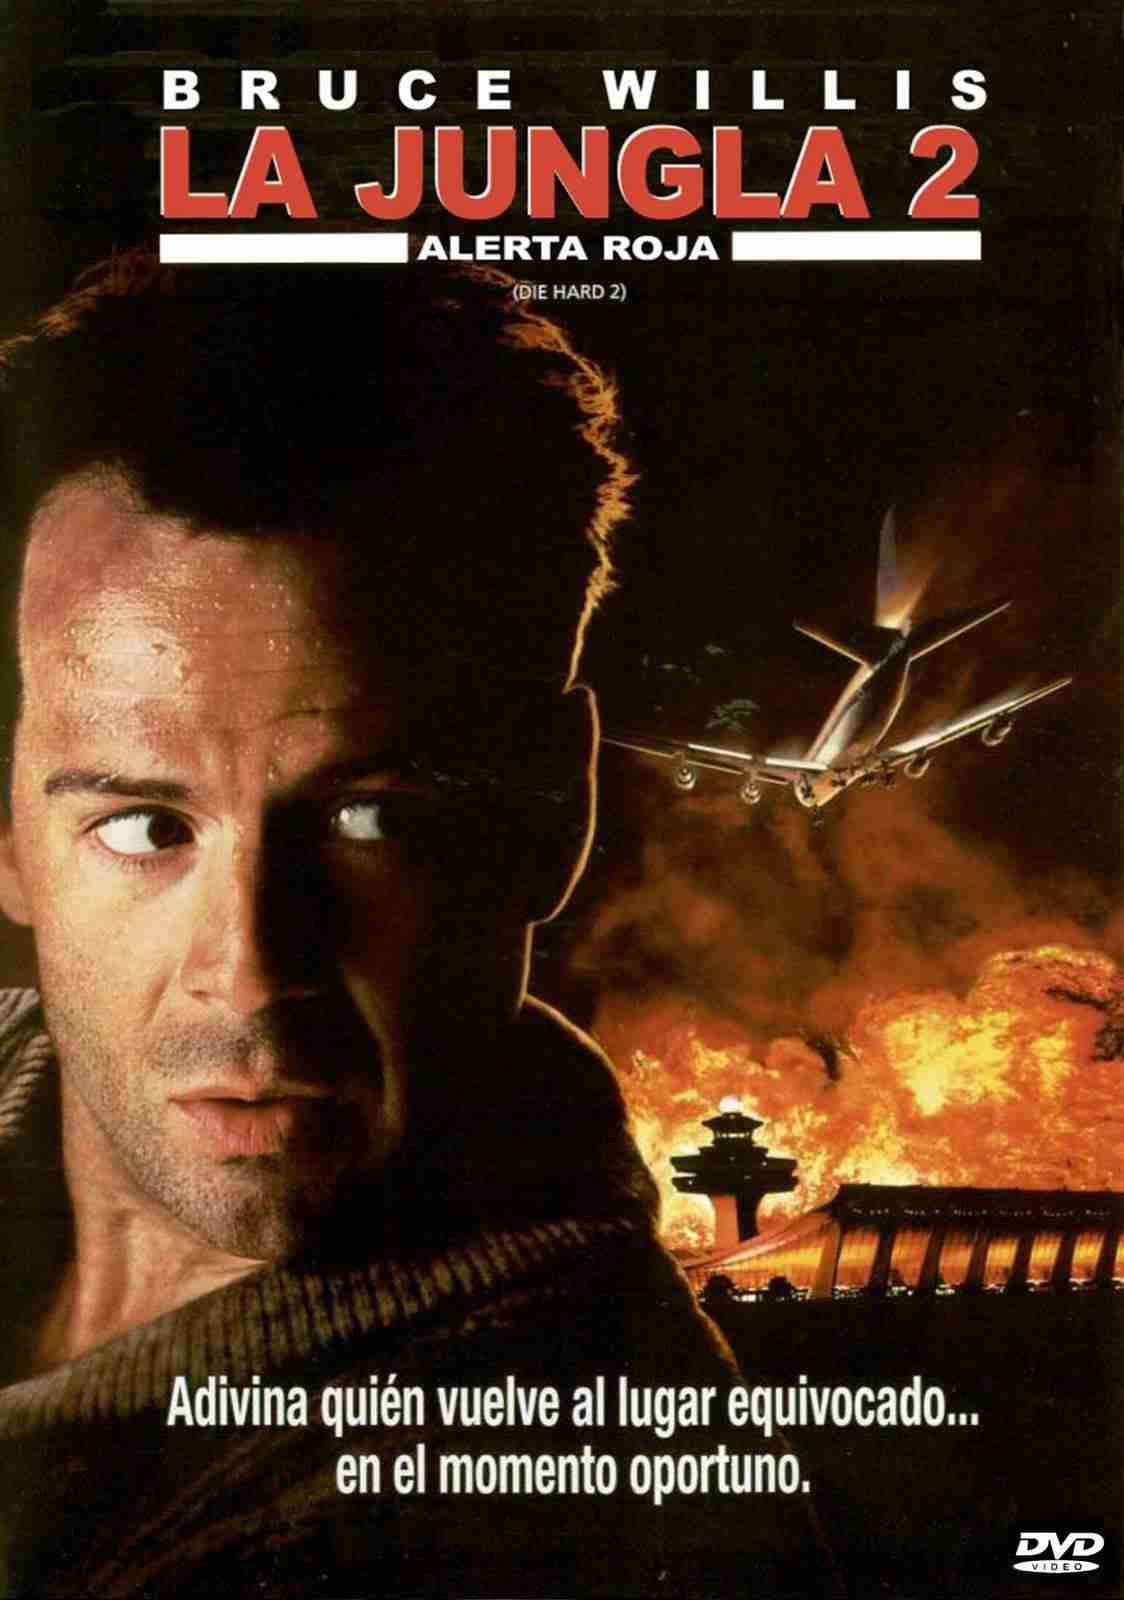 póster de la película La jungla 2